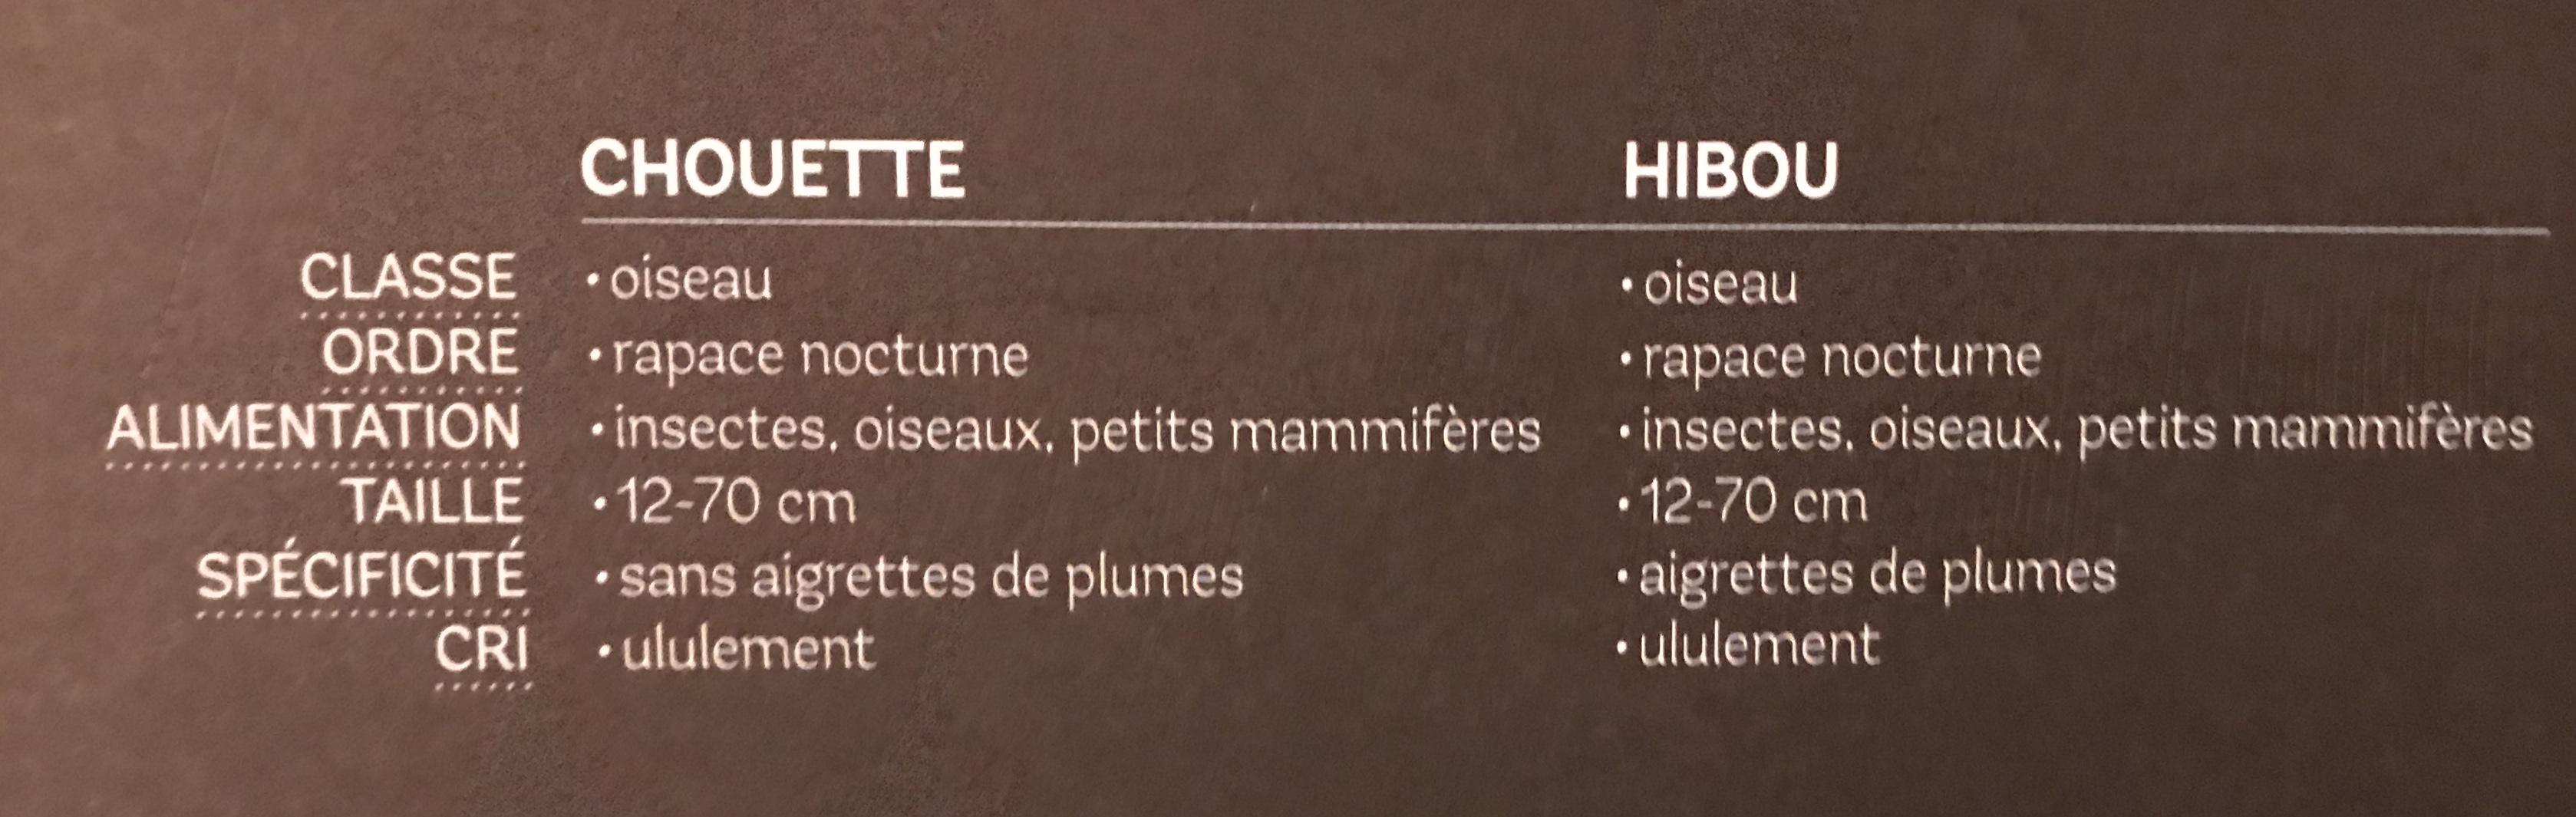 Chouette ou hibou 7